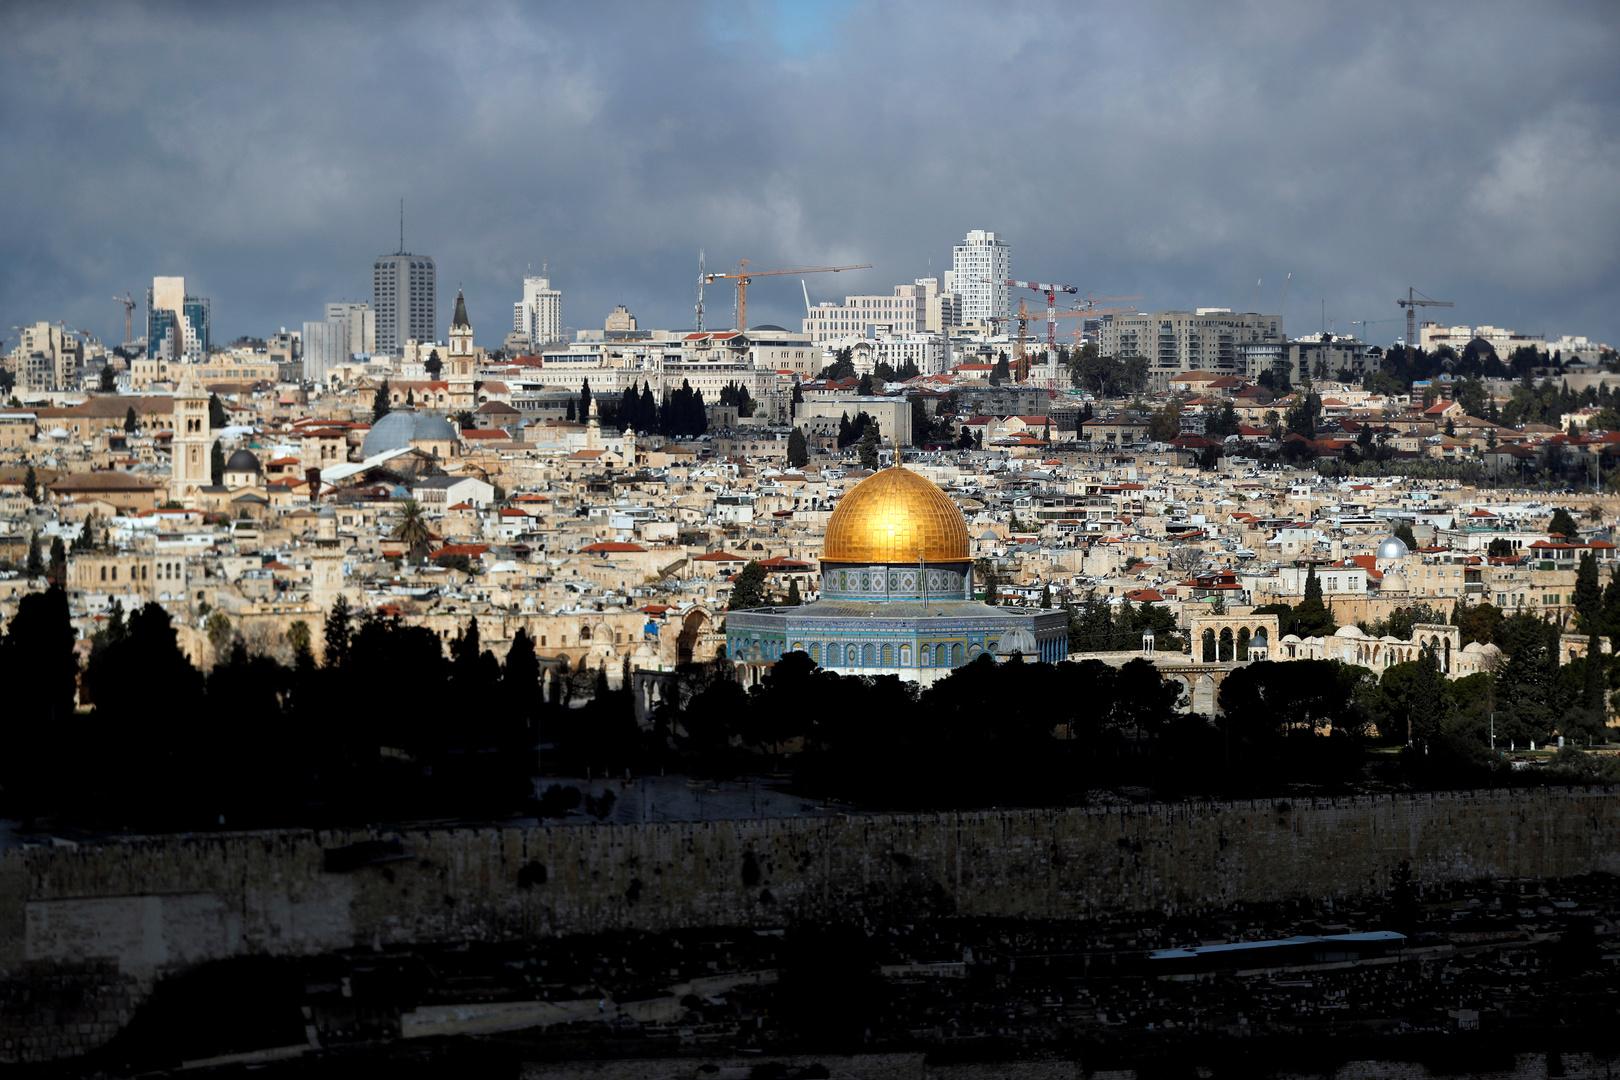 شكري وأبو الغيط يحذران المبعوث الأممي من خطورة التصعيد في القدس وغزة